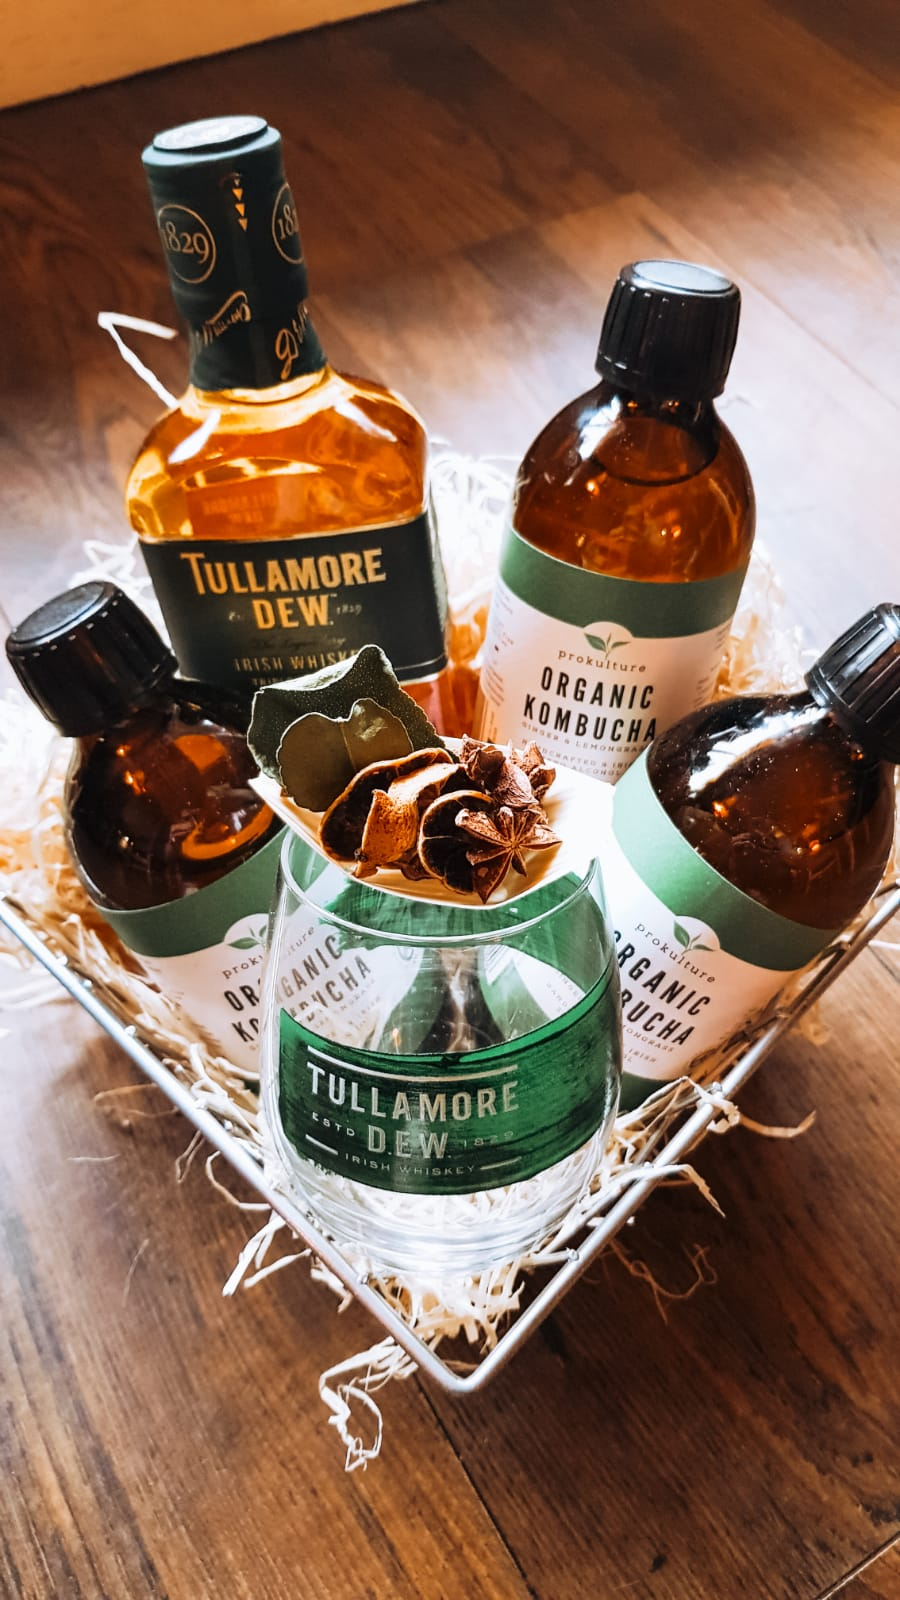 Tullamore Dew & Kombucha Hamper Image